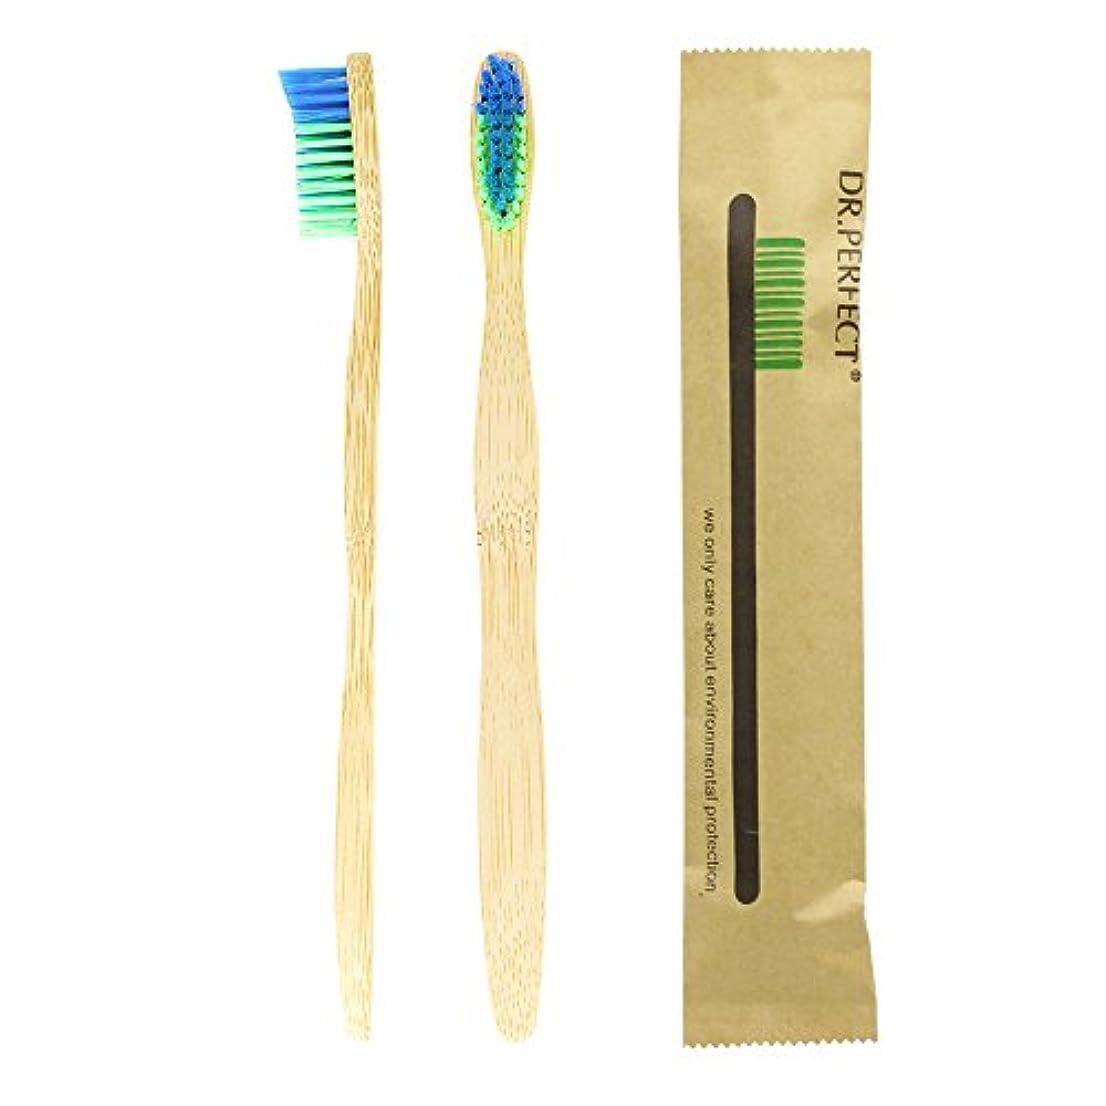 警察署番号気付くDr.Perfect 歯ブラシアダルト竹の歯ブラシ ナイロン毛